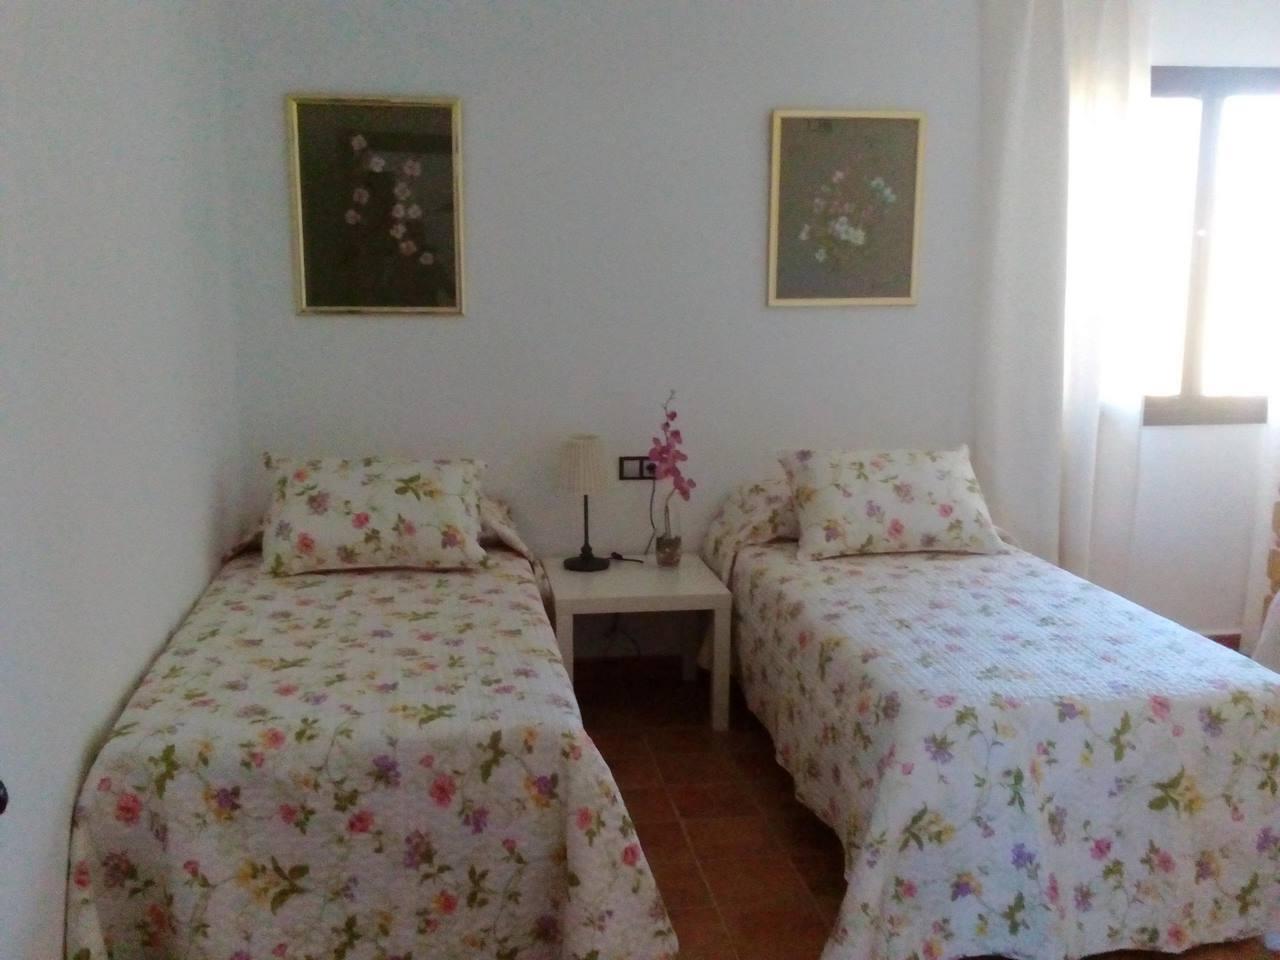 Apartamento para vacaciones Chiclana de la Frontera, Cádiz